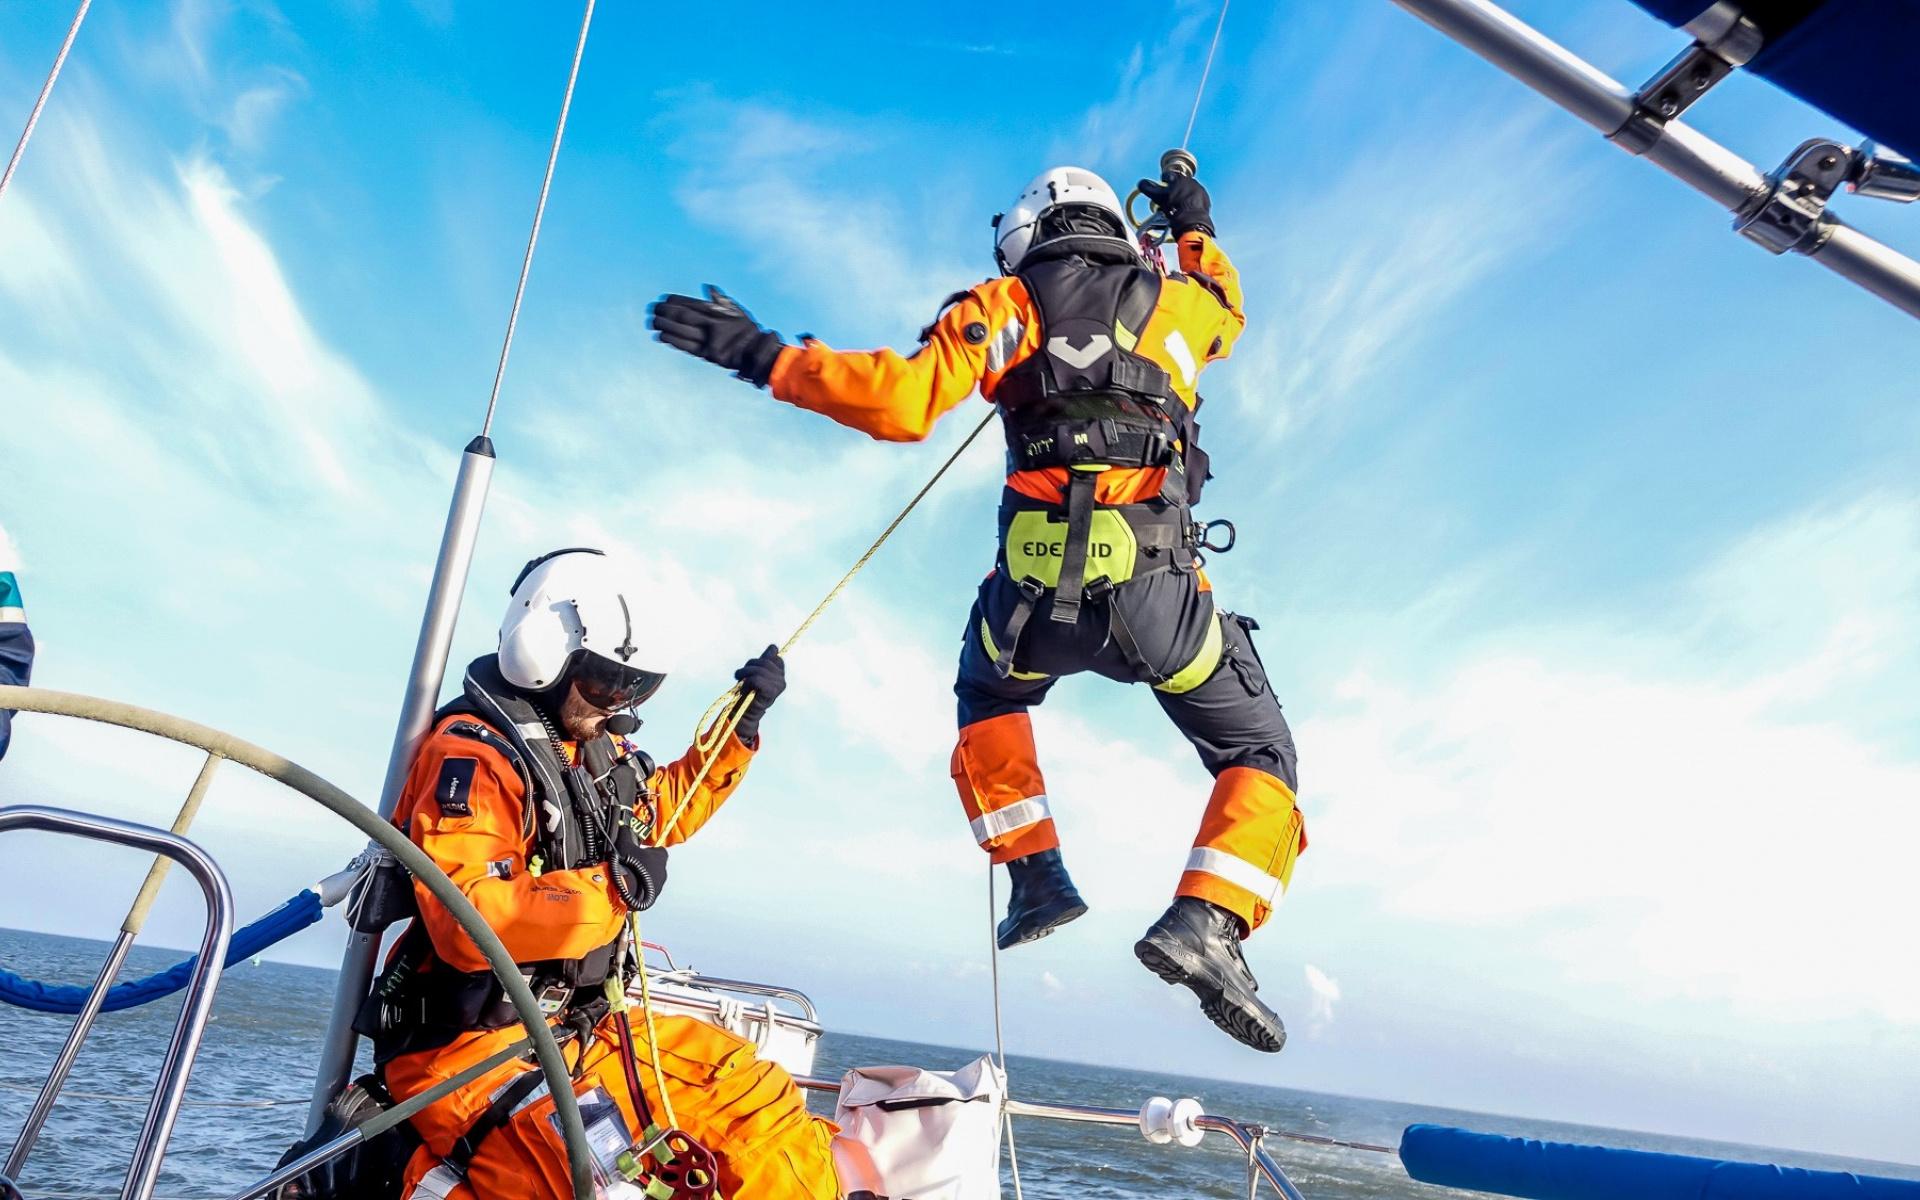 Der Helikopter der NHC traf als erstes Rettungsmittel bei den beiden havarierten Seglern ein und ließ ihre Medical Crew, bestehend aus Notarzt und HEMS-TC, per Seilwinde ab. (Symbolbild) Foto: NHC